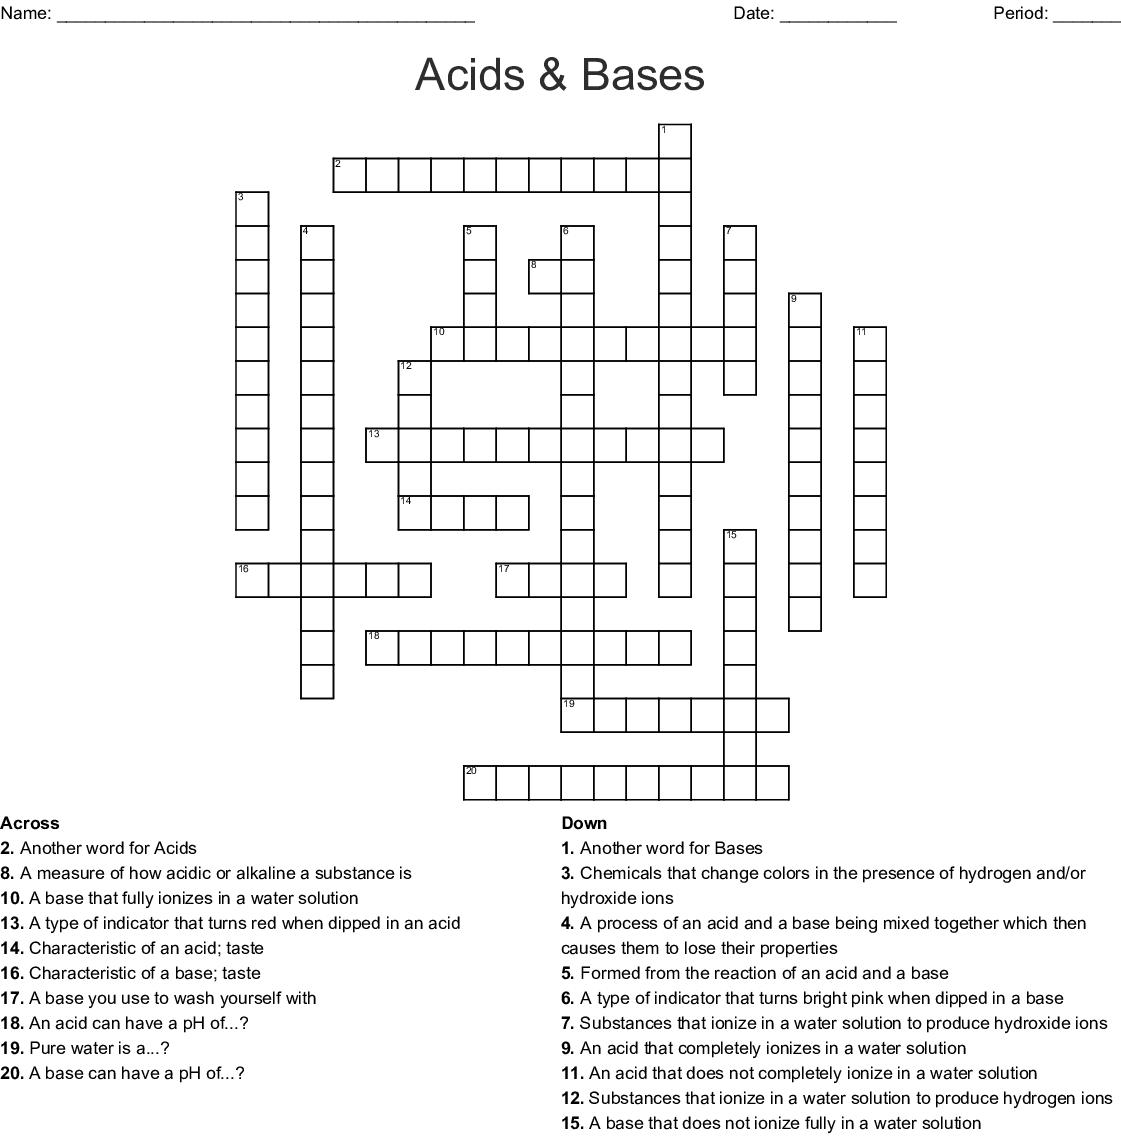 Acids & Bases Crossword - WordMint